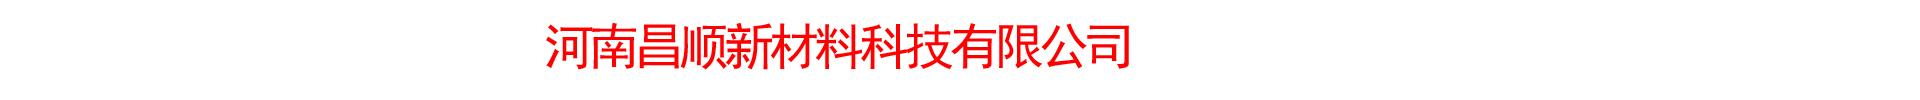 河南昌顺新材料科技有限公司